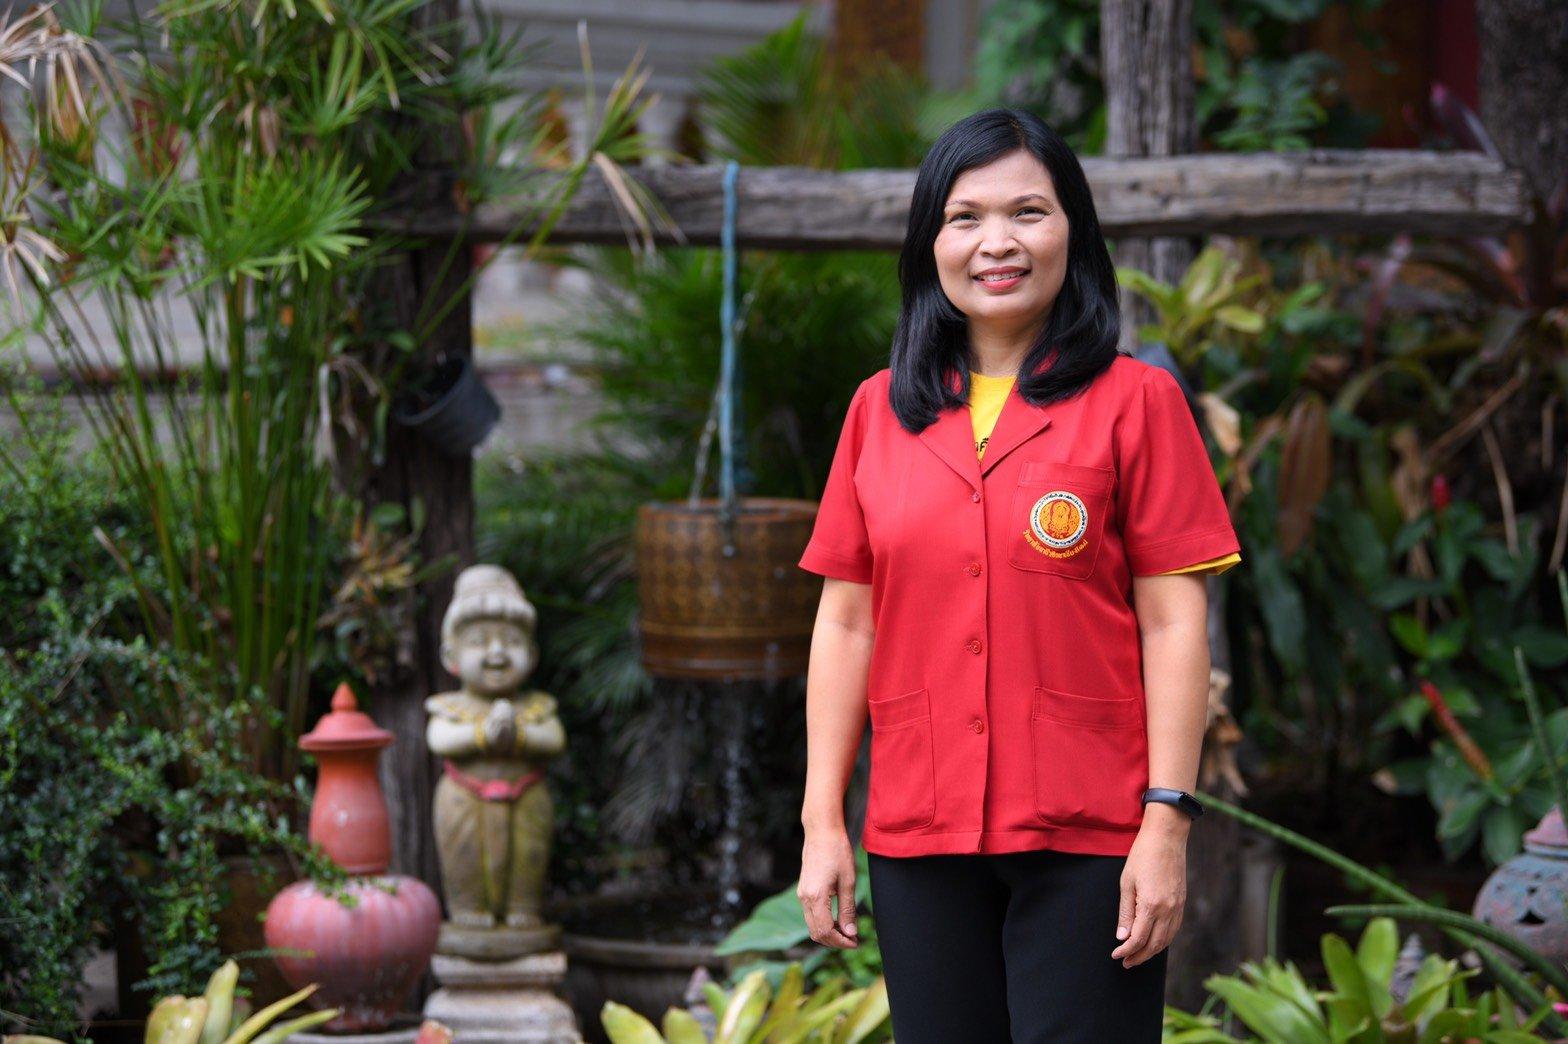 หนุนไอเดียเยาวชน สร้างสรรค์นวัตกรรมสุขภาวะ thaihealth